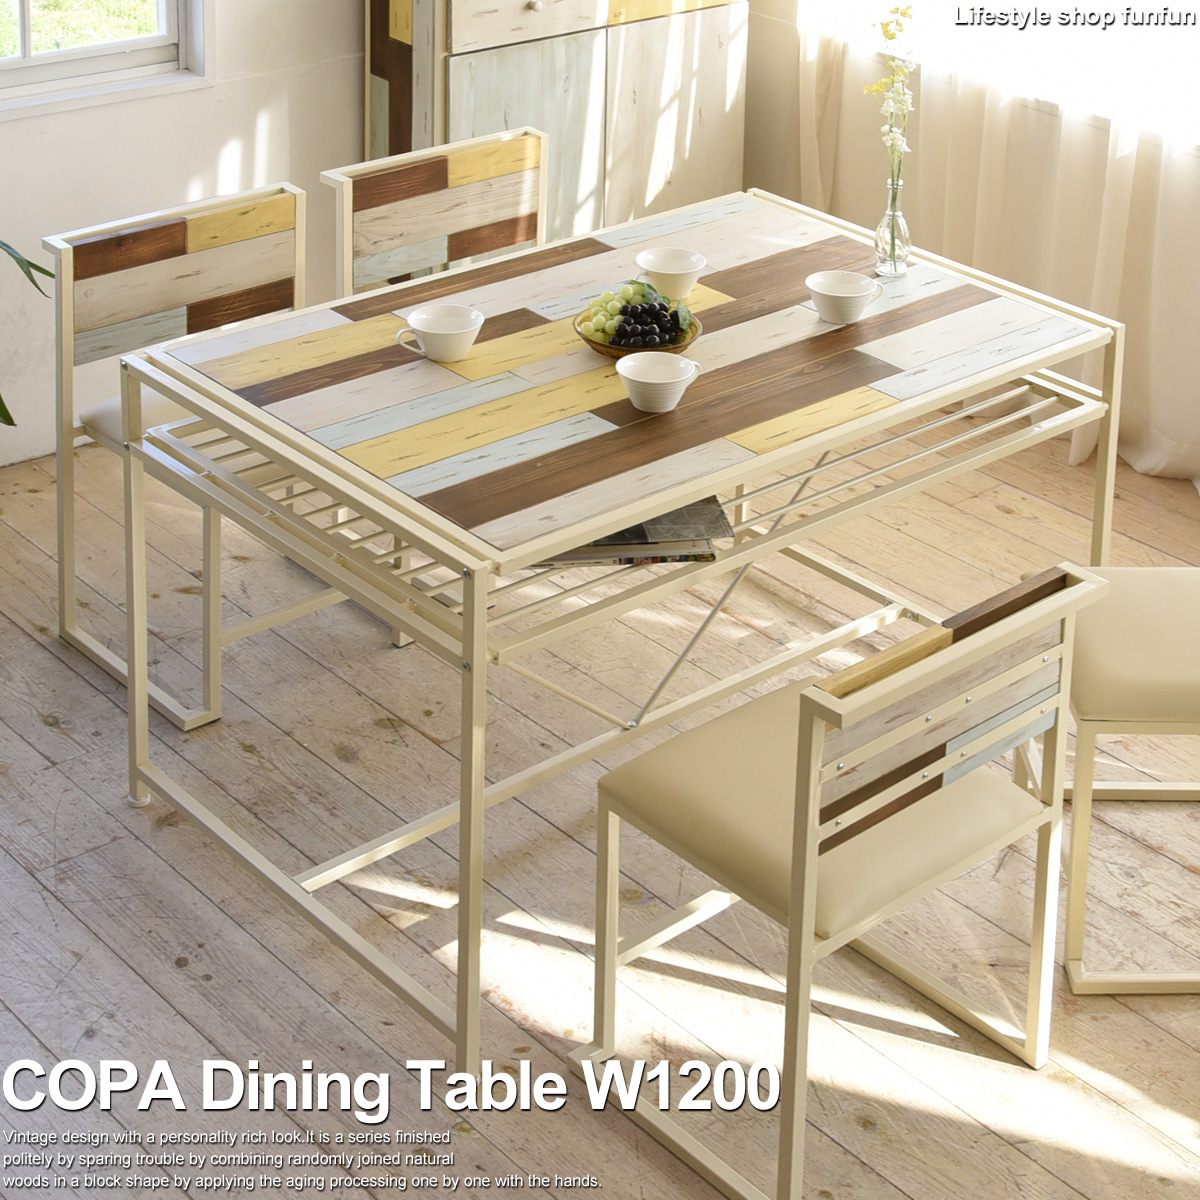 【最大2000円OFFクーポン】【あす楽】ダイニングテーブル COPA コパ 幅120cm 食卓テーブル 木製 天然木 北欧 おしゃれ かわいい スクラップウッド